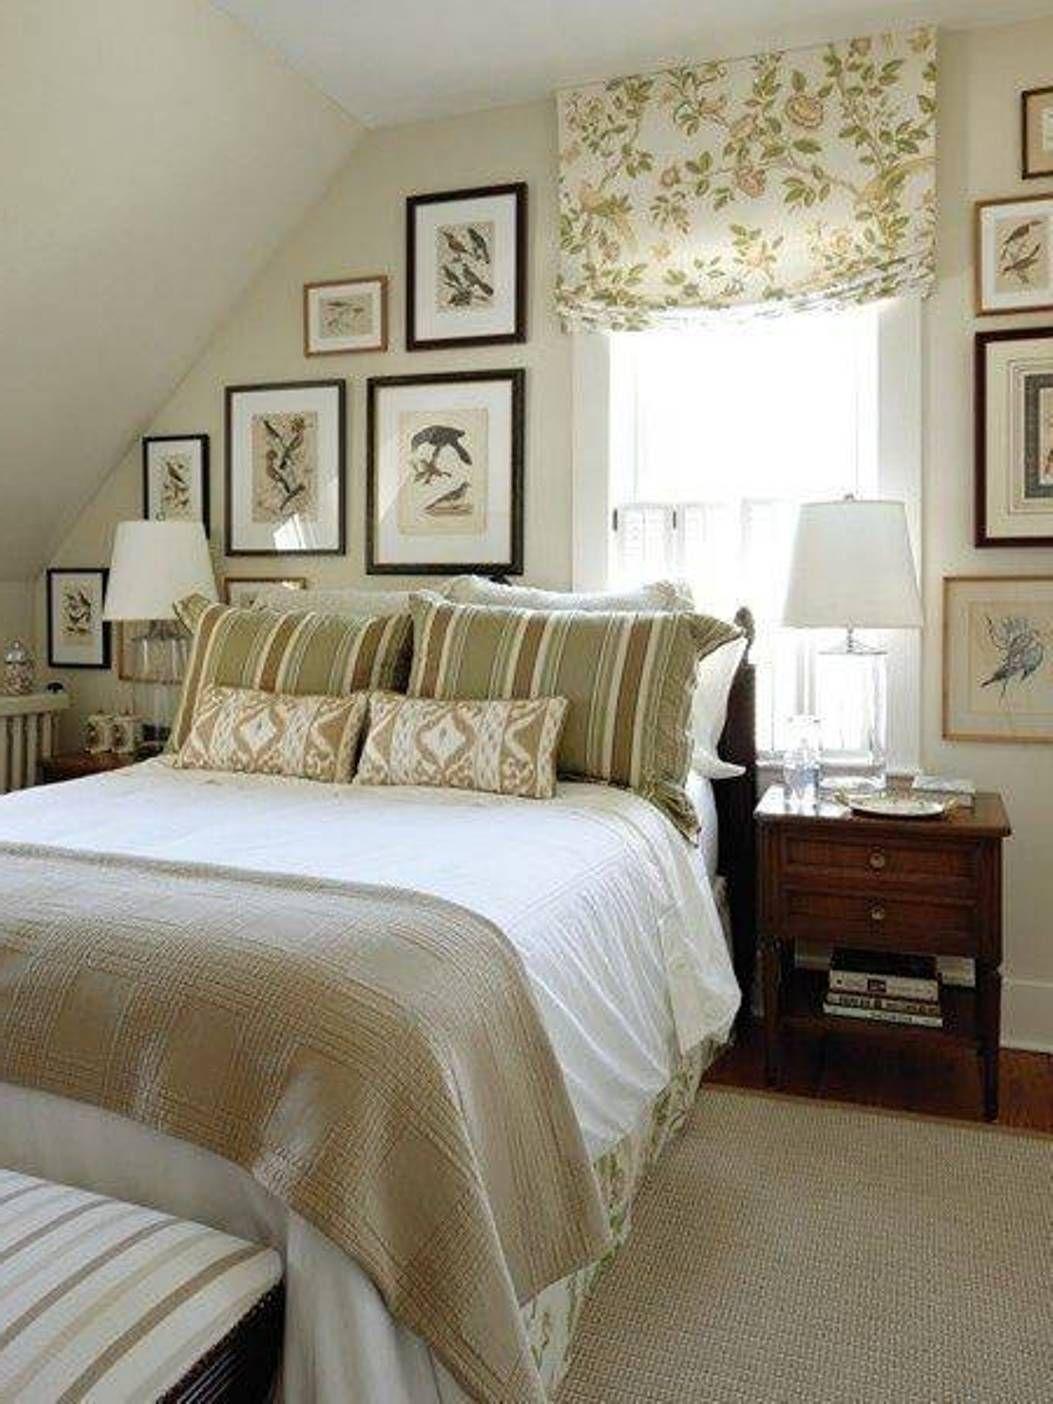 Bedroom decorating master bedroom ideas  attic bedroom ideas   Bedroom Popular Bedroom Color Ideas